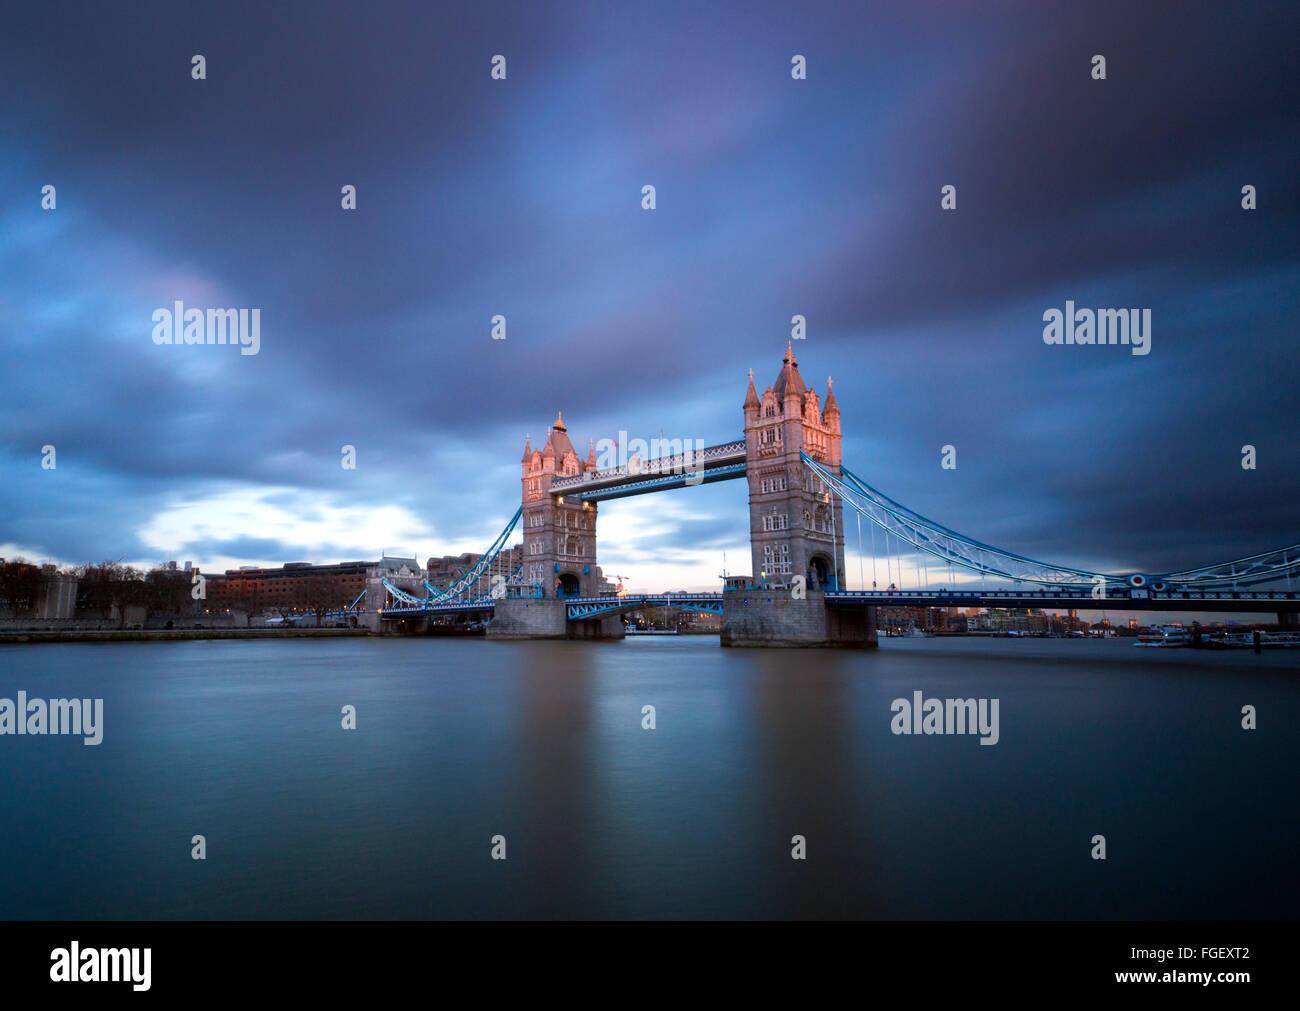 Sunset lunga esposizione su Tower Bridge, Londra Inghilterra REGNO UNITO Immagini Stock